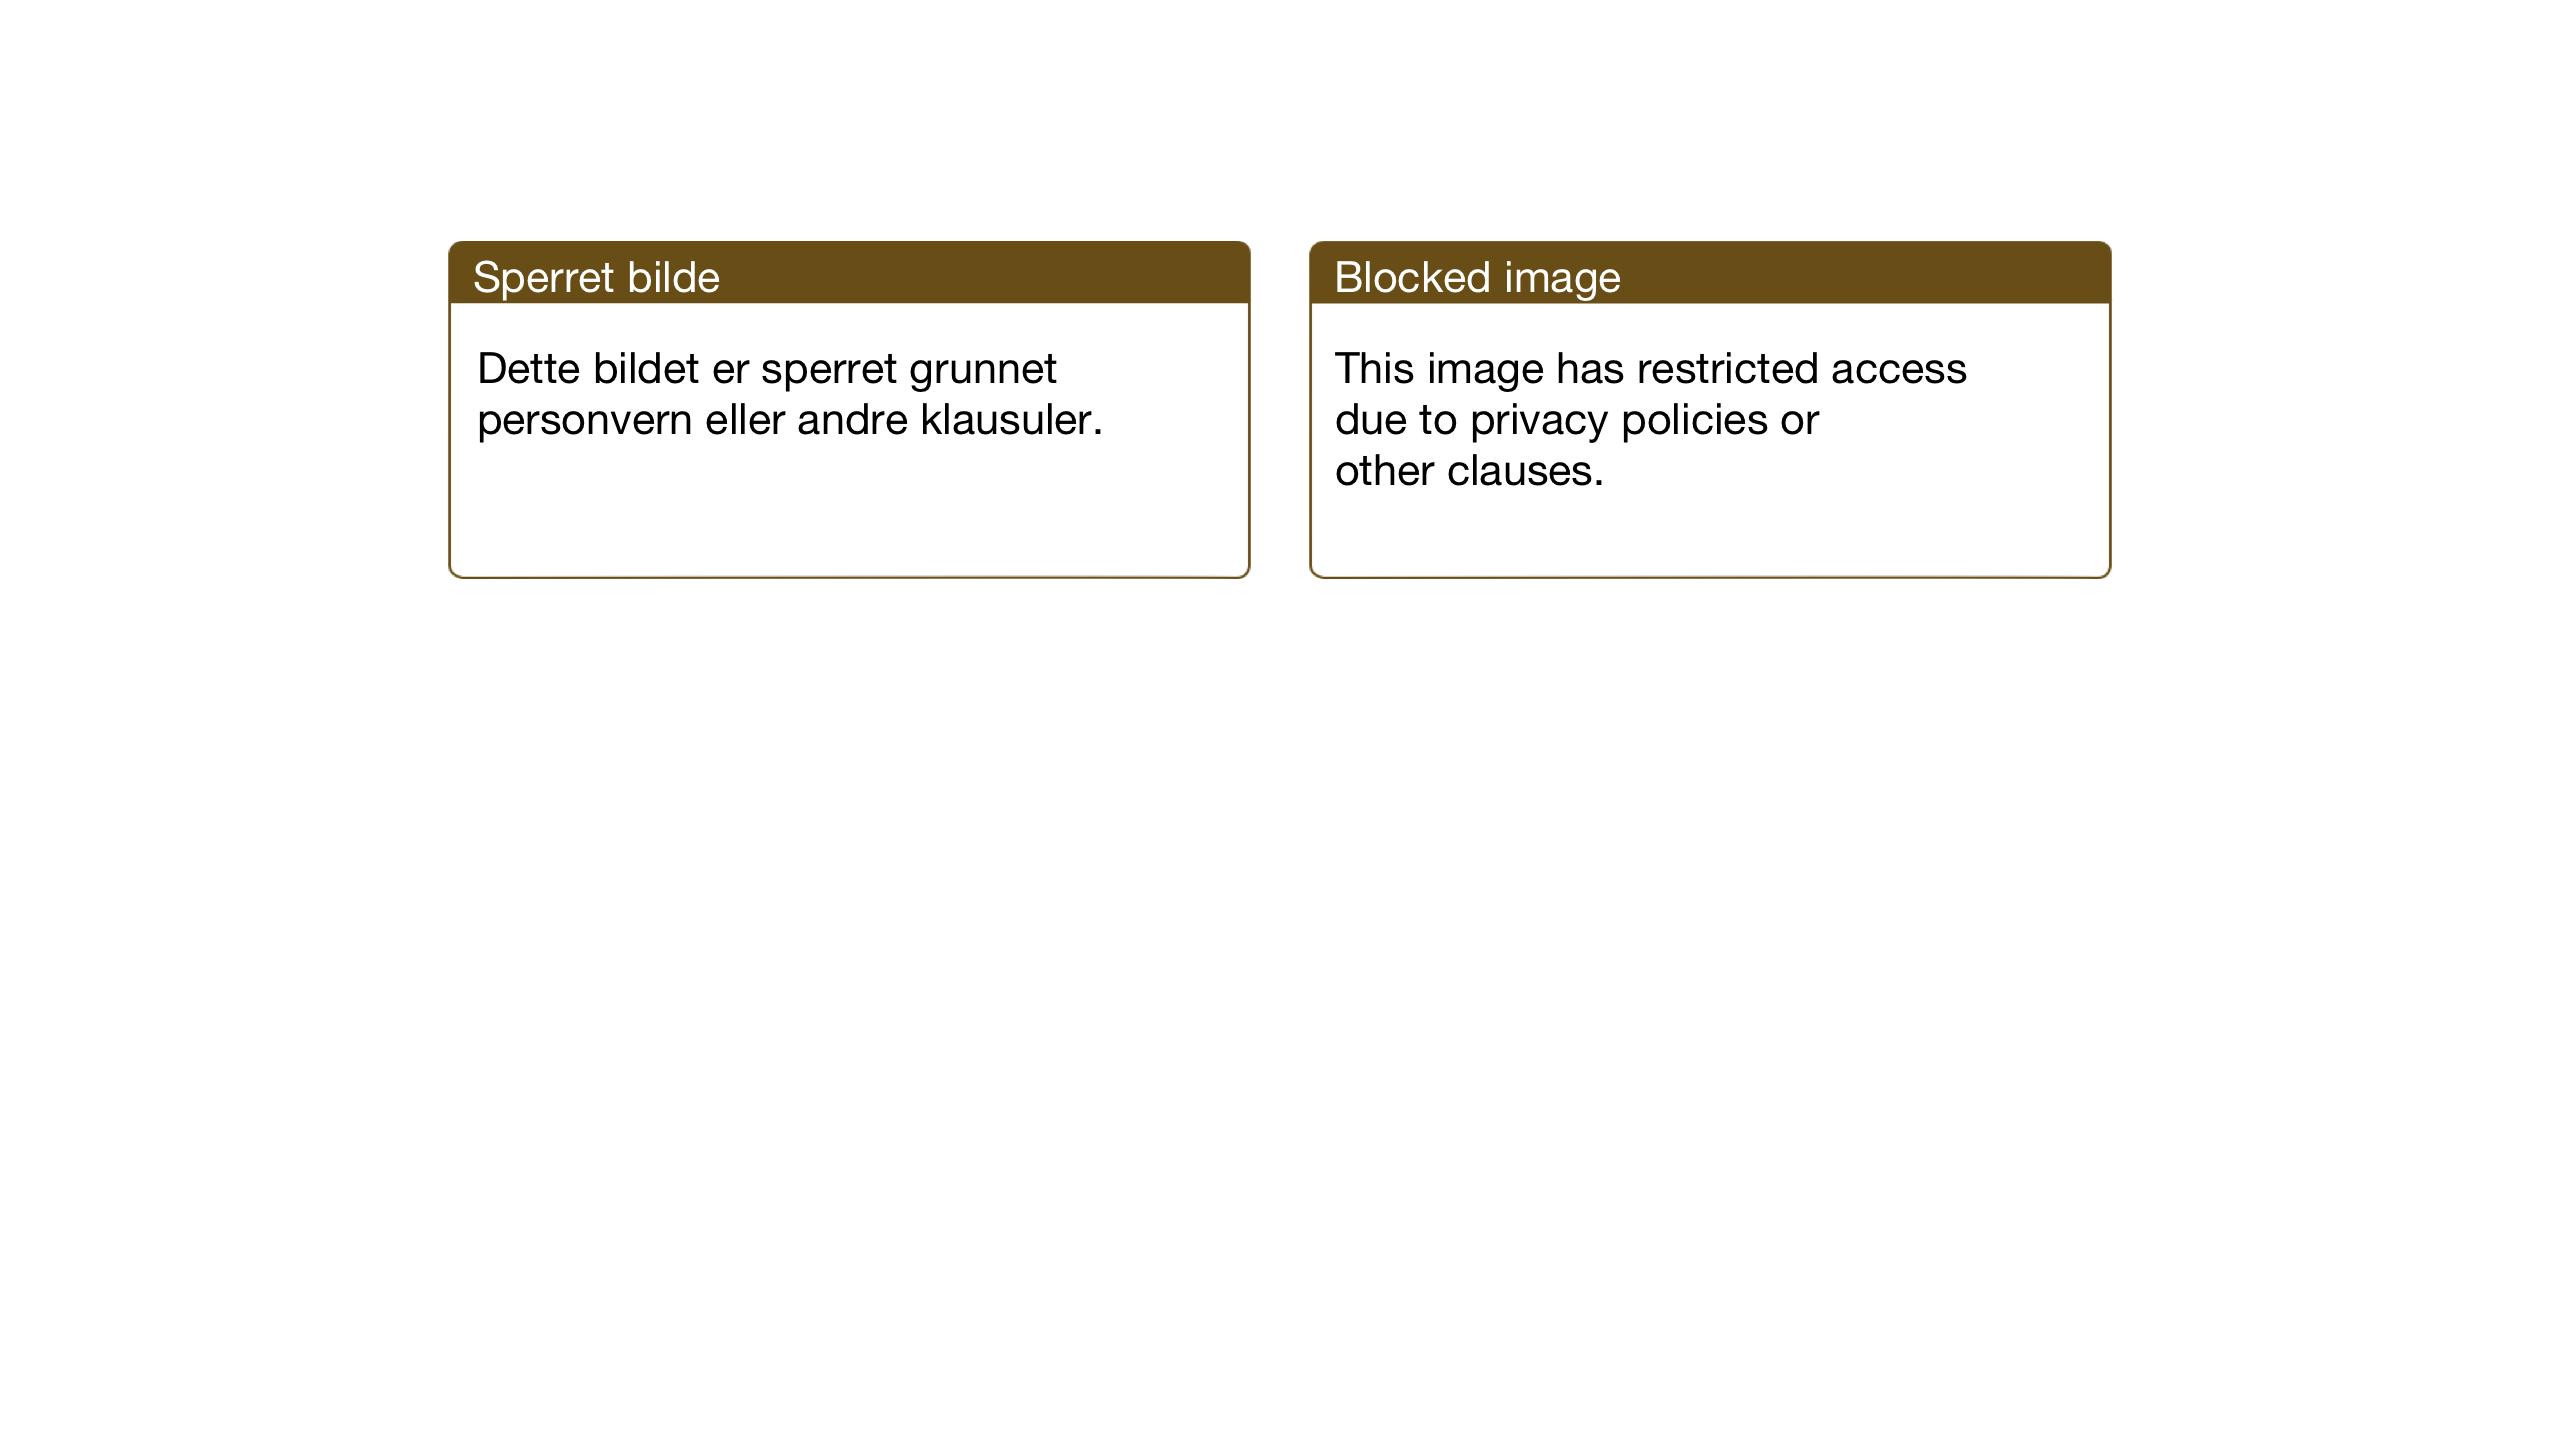 SAT, Ministerialprotokoller, klokkerbøker og fødselsregistre - Nord-Trøndelag, 739/L0377: Klokkerbok nr. 739C05, 1940-1947, s. 1